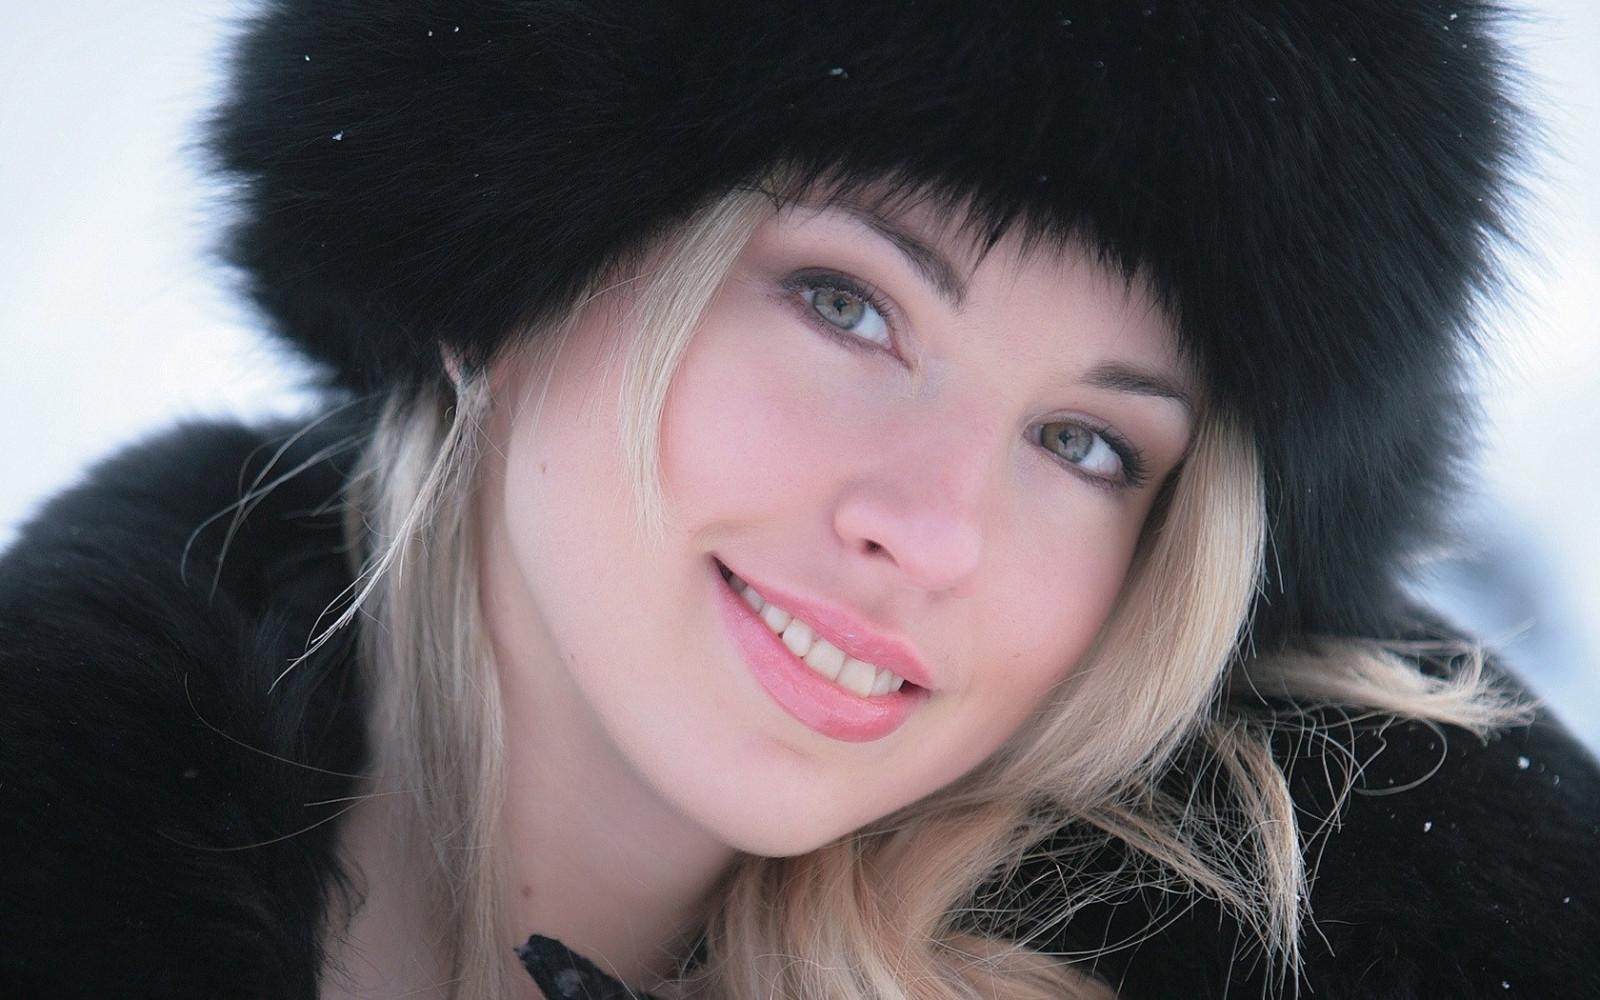 fond d 39 cran visage noir femmes maquette portrait blond yeux verts cheveux noirs mode. Black Bedroom Furniture Sets. Home Design Ideas